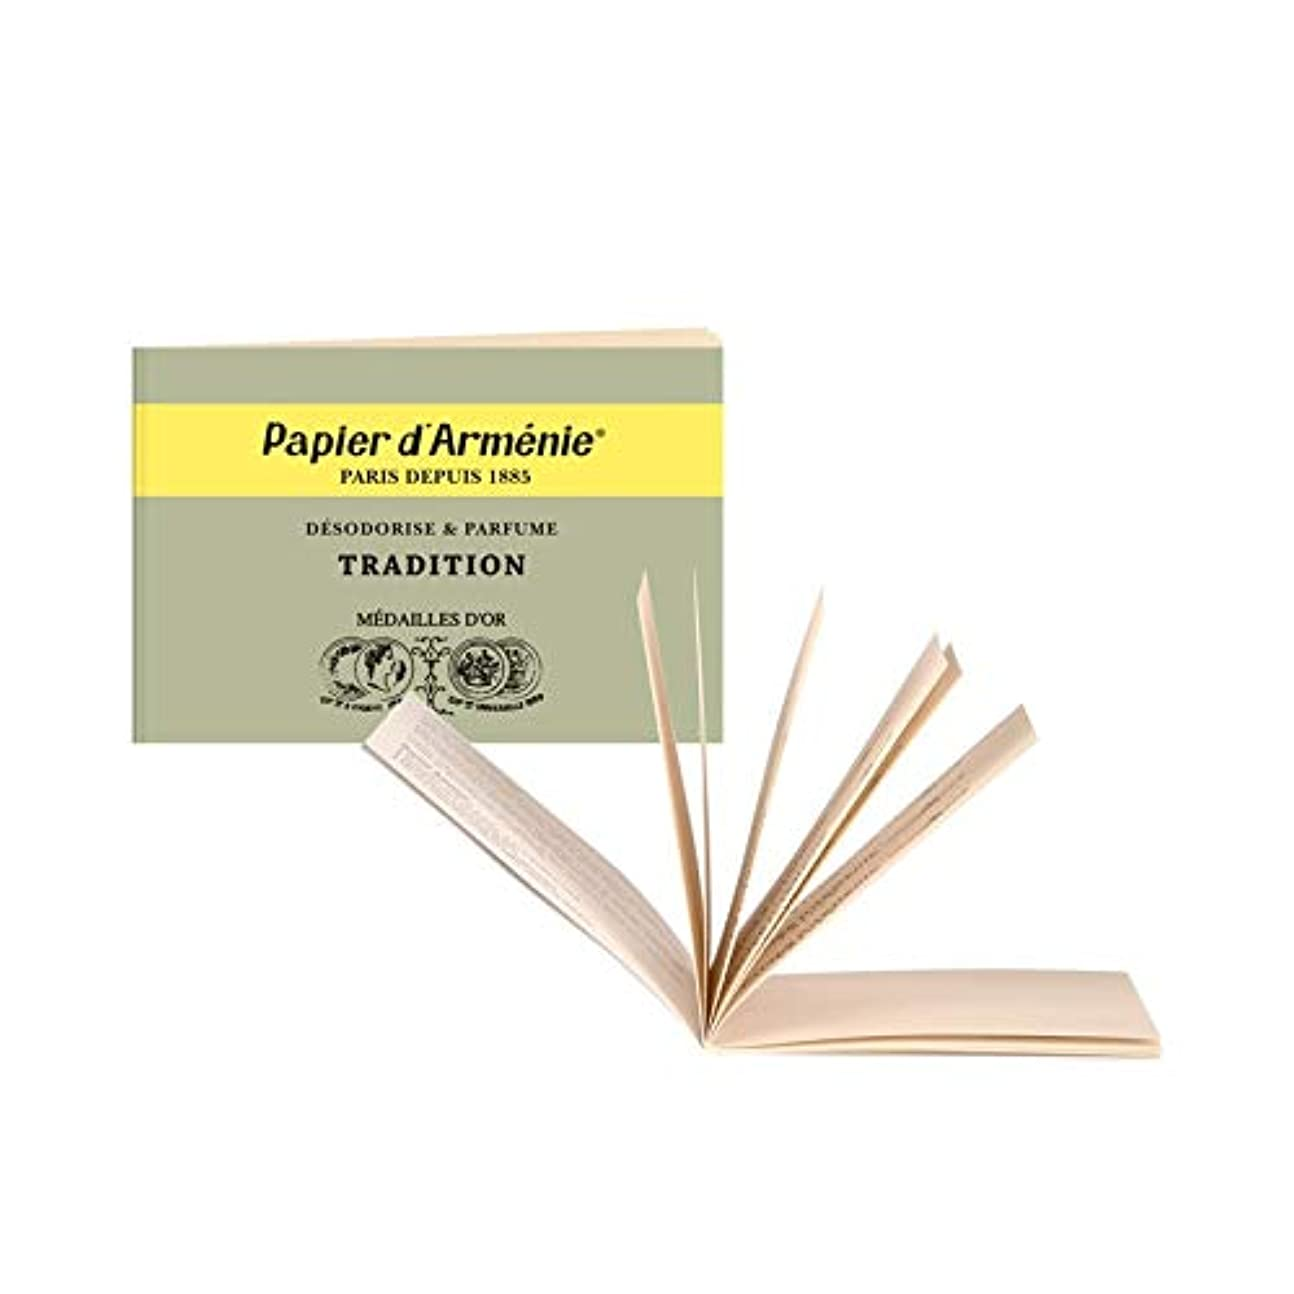 ブラウズシャーロックホームズお風呂を持っているPapier d'Arménie パピエダルメニイ トリプル 紙のお香 フランス直送 3個セット [並行輸入品]